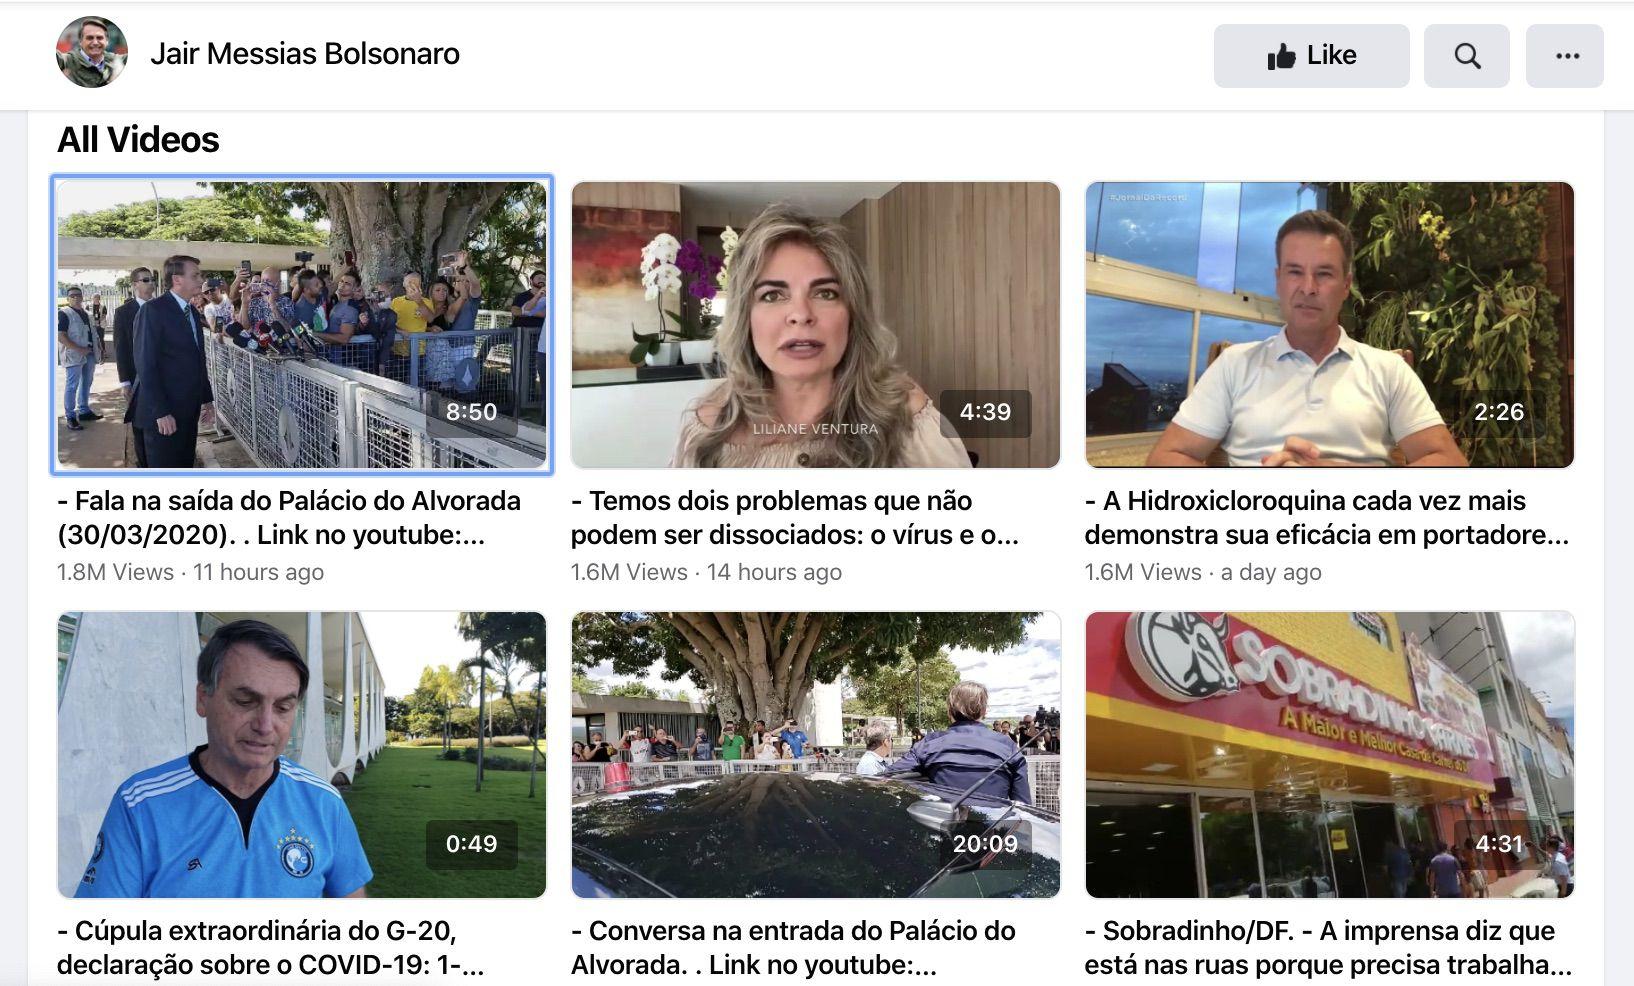 La vidéo de Bolsonaro a été supprimée.